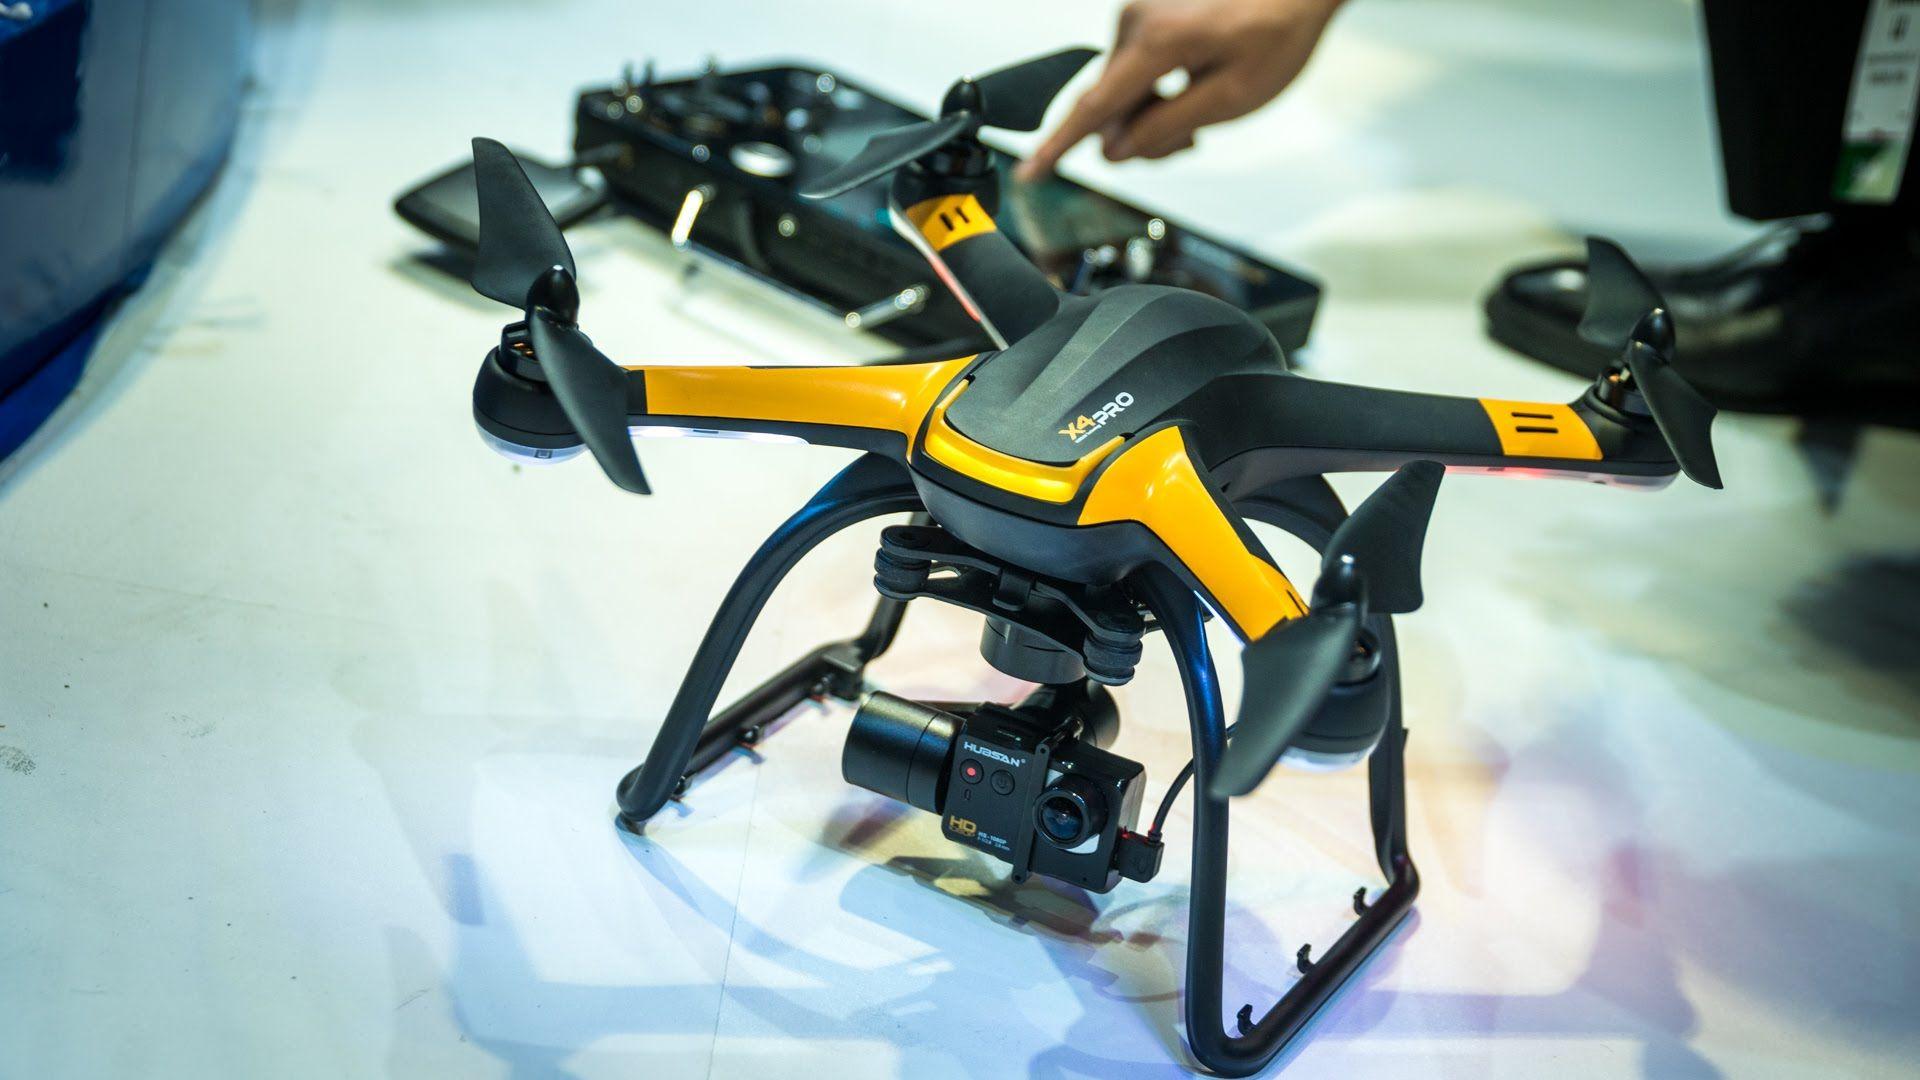 Ora X4 Pro Quadcopter